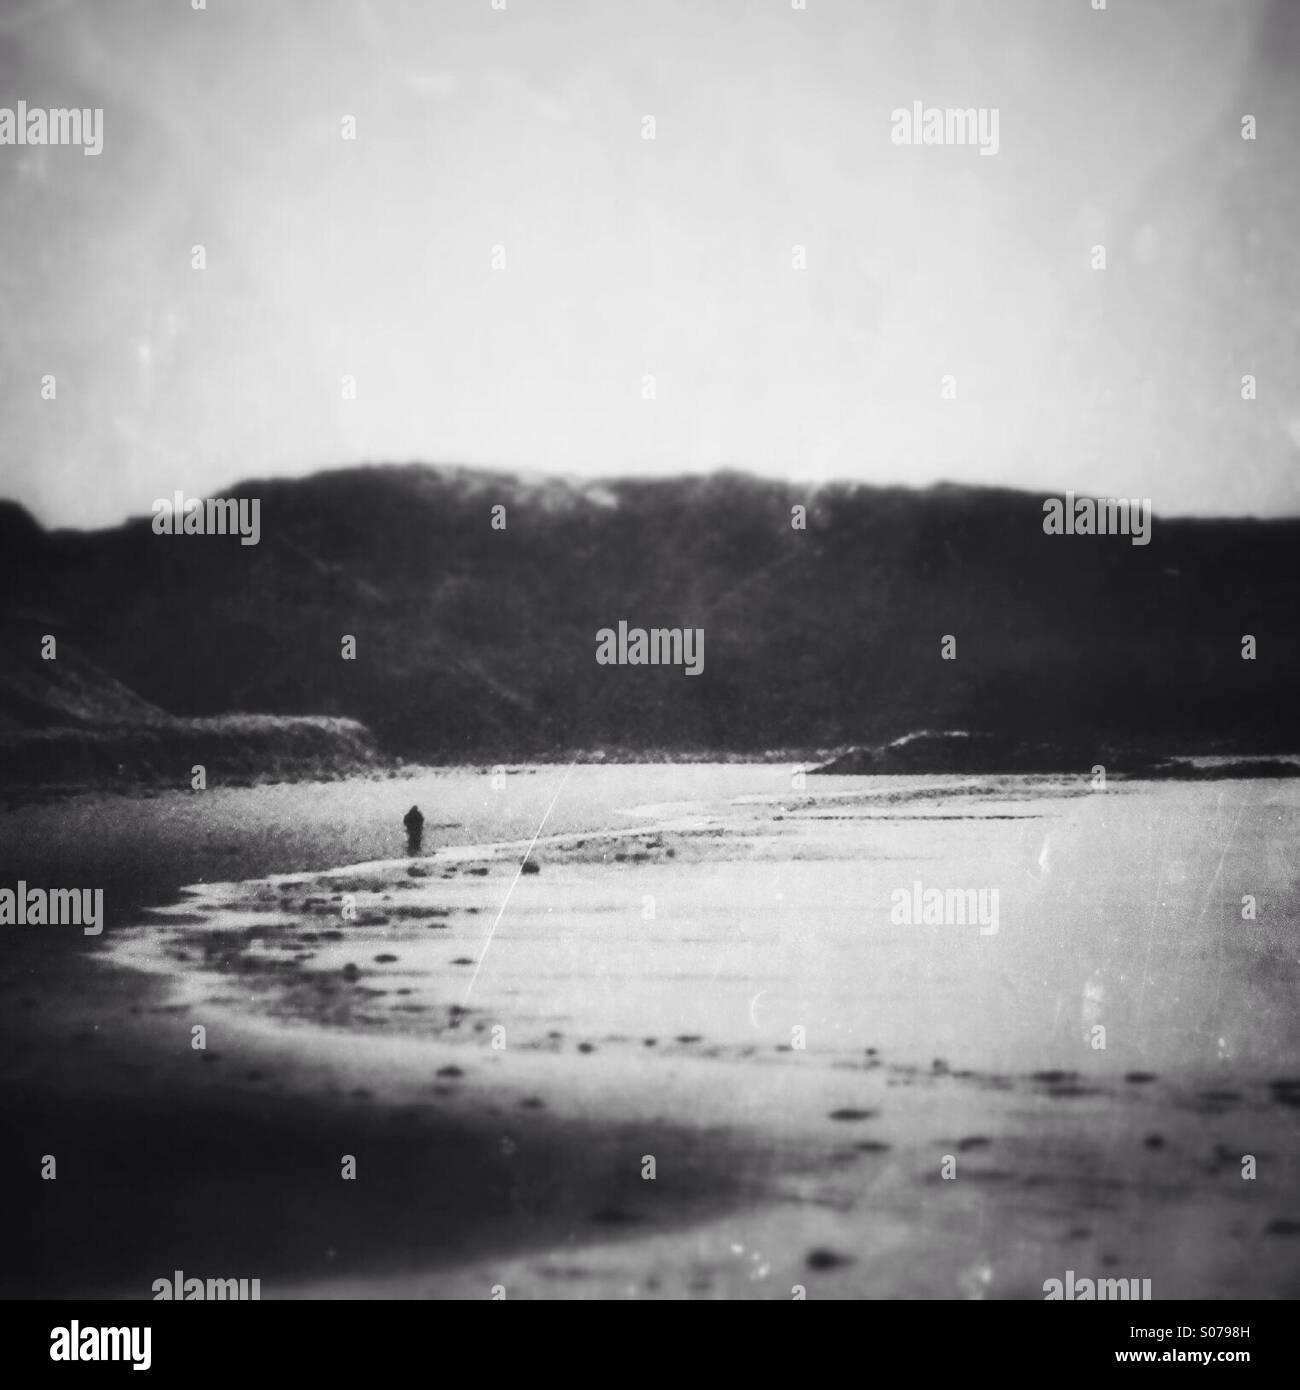 Lone persona camminando lungo la riva. Il vecchio stile gli effetti e le texture aggiunto. Immagini Stock